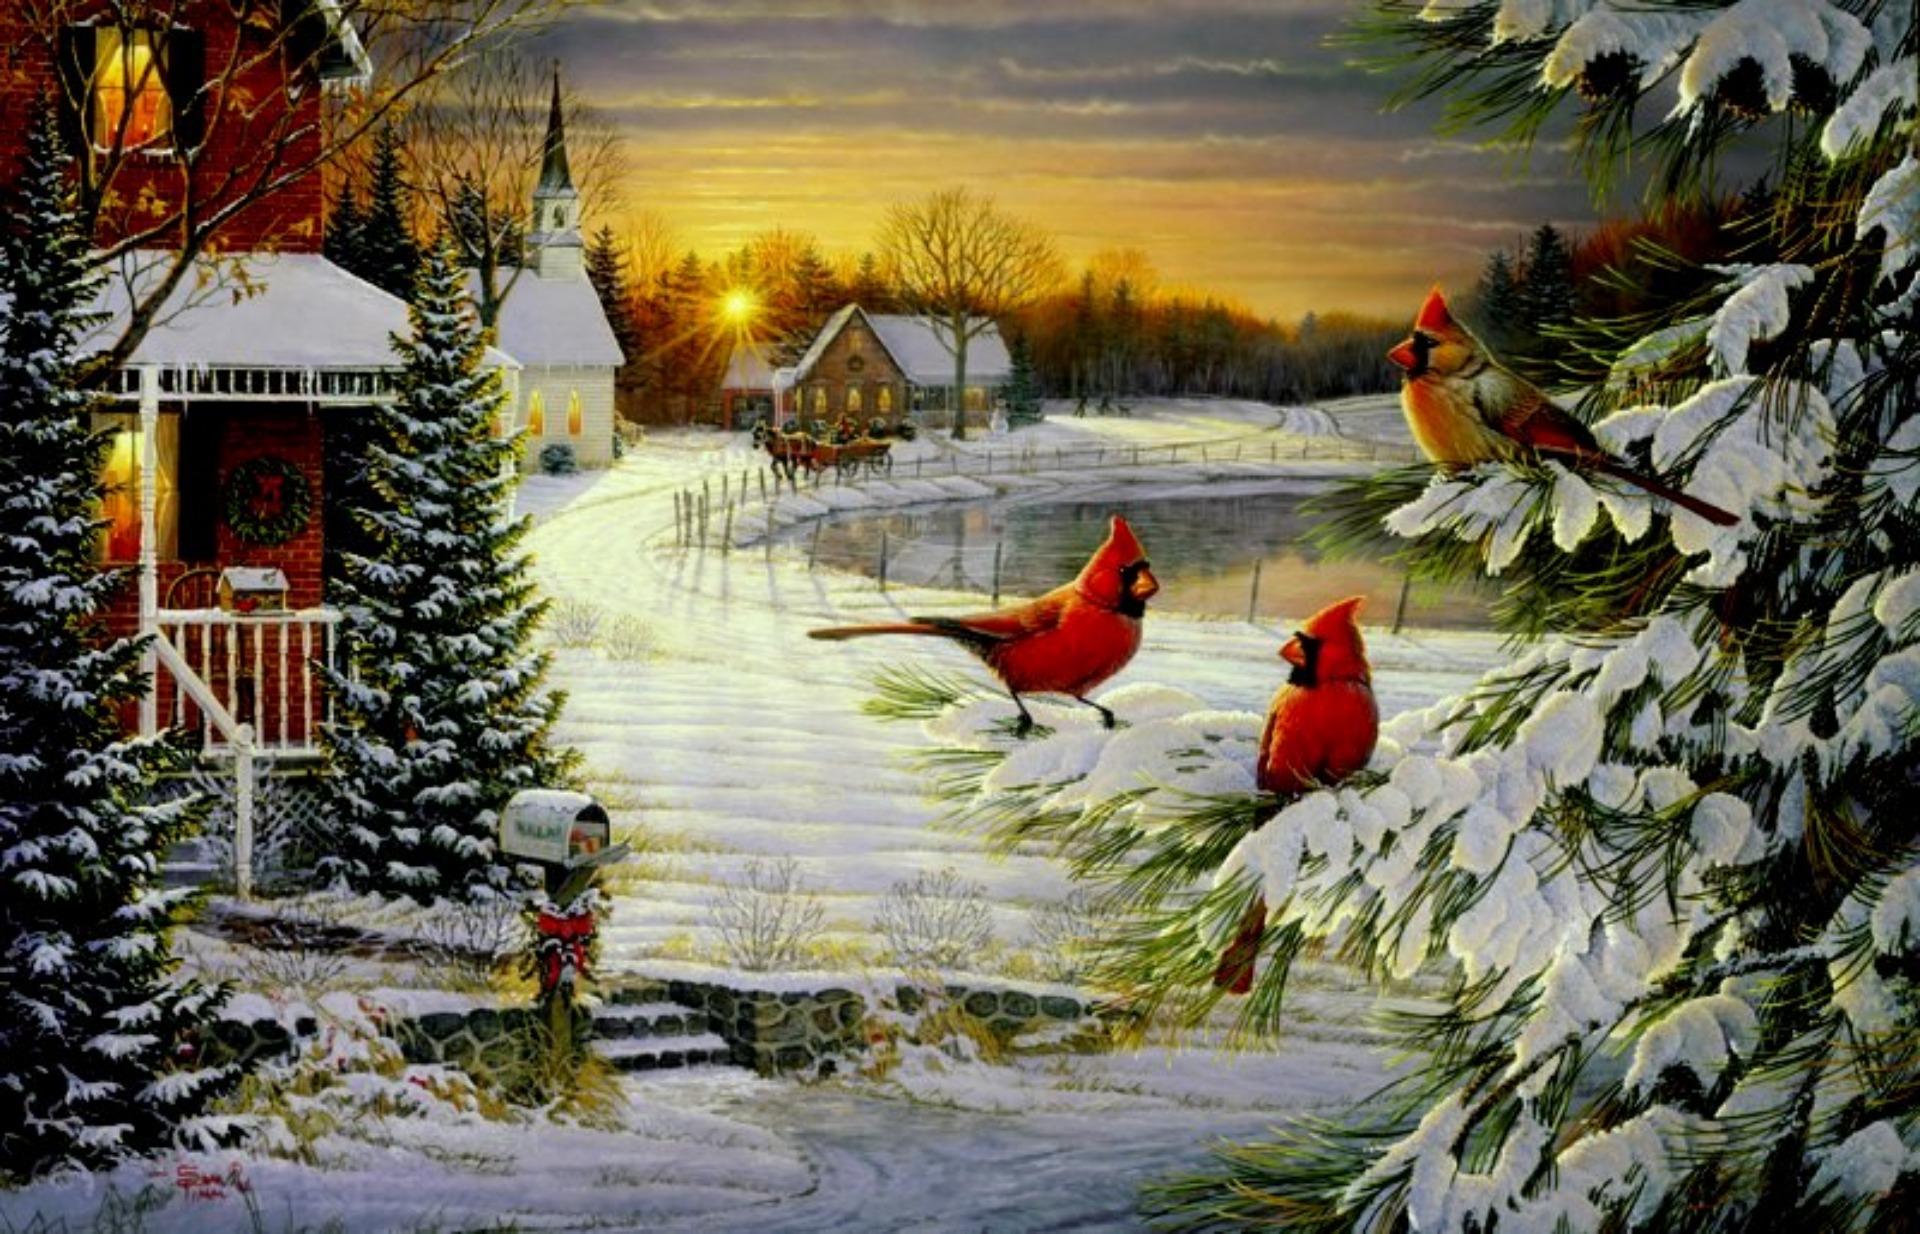 Cardinals birds   Cardinals Christmas Wallpapers   HD Wallpapers 1920x1234